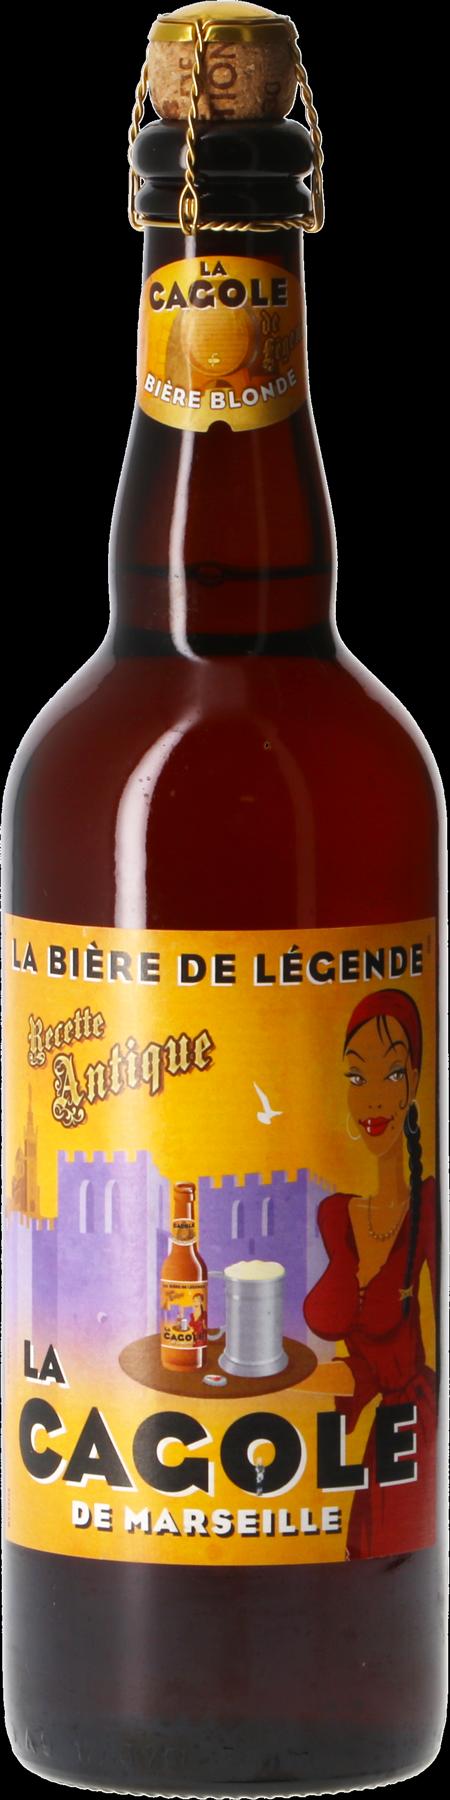 La Cagole Bière de Légende - 75 cl